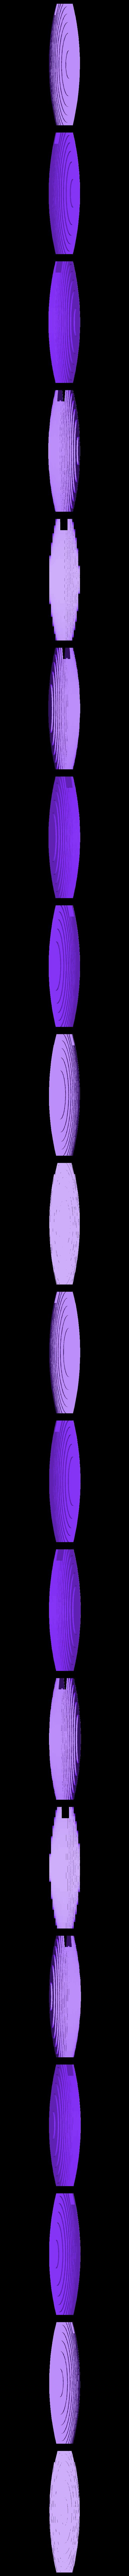 Pendentif_5_botom.stl Download free STL file Urne • 3D print template, leFabShop